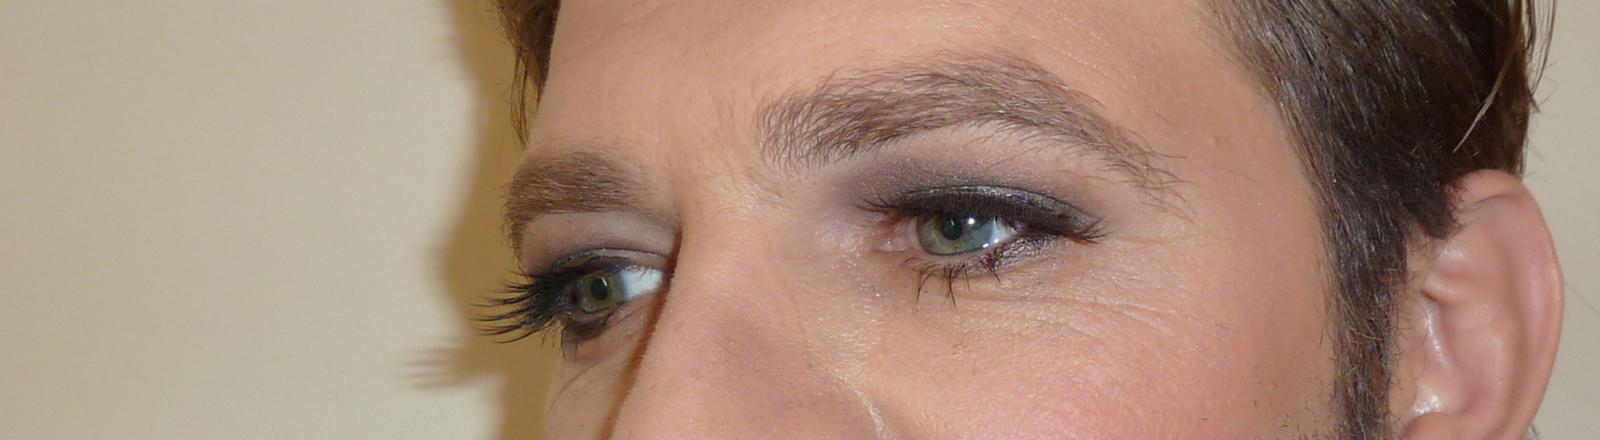 Martin Krinner geschminkt